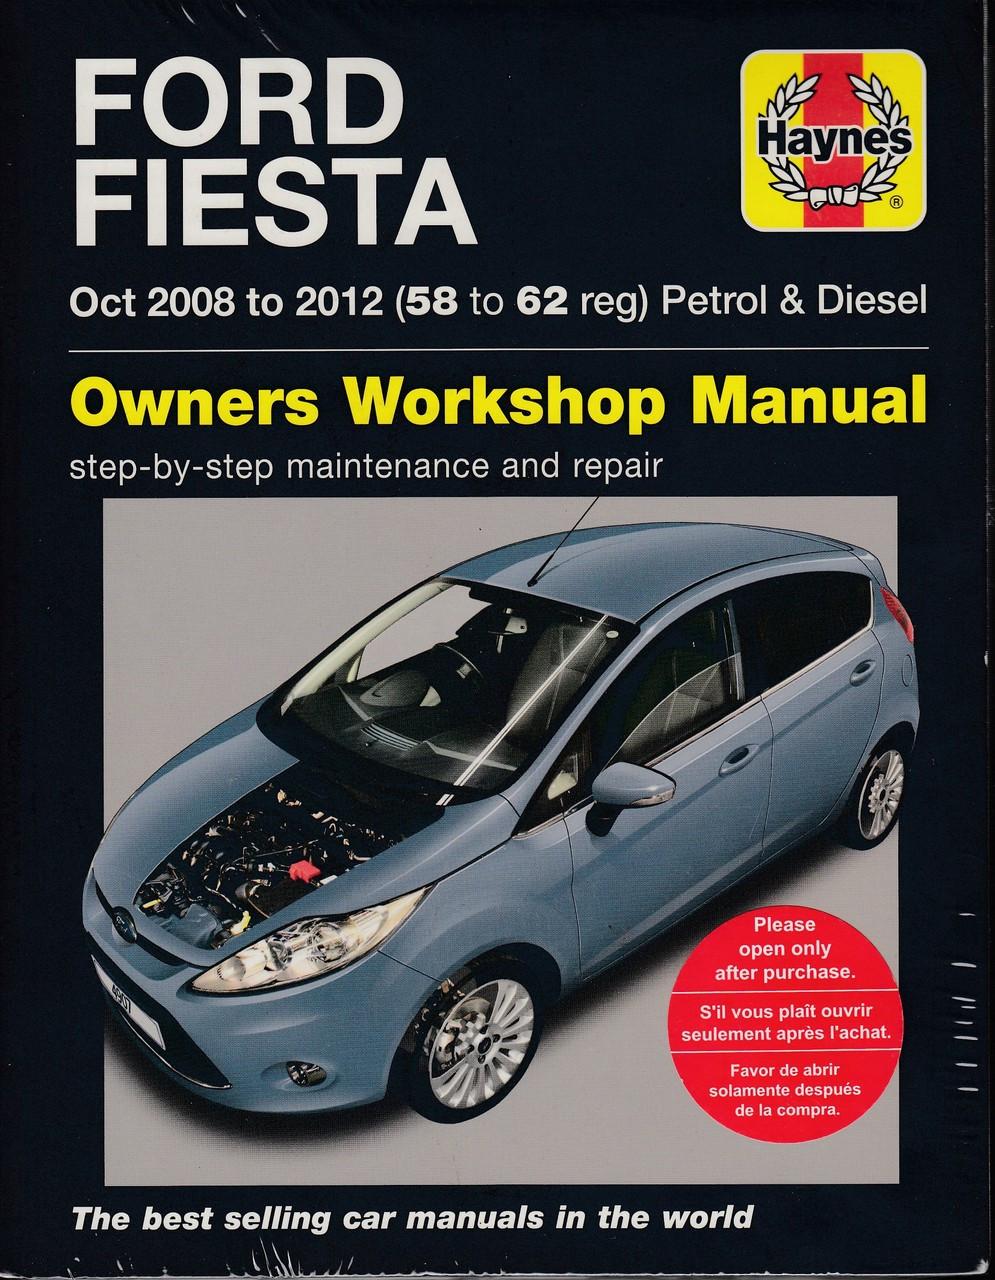 ford fiesta manual pdf